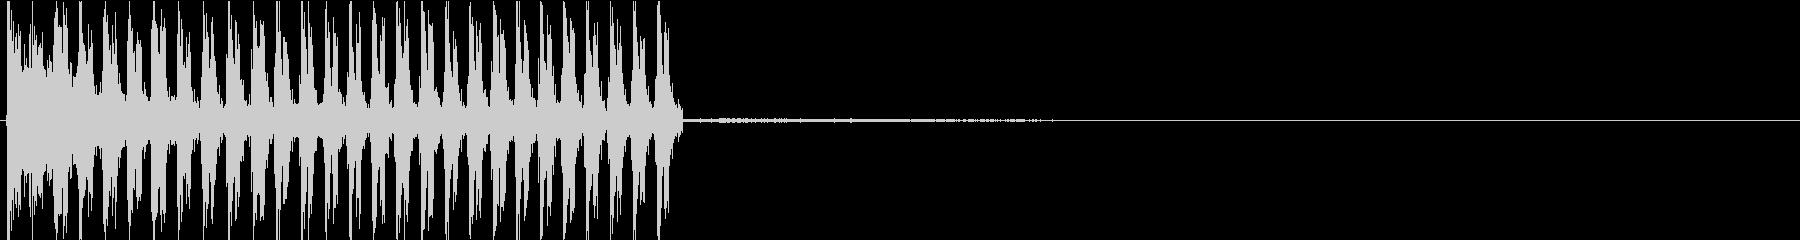 MP5系サブマシンガンの発砲音の未再生の波形